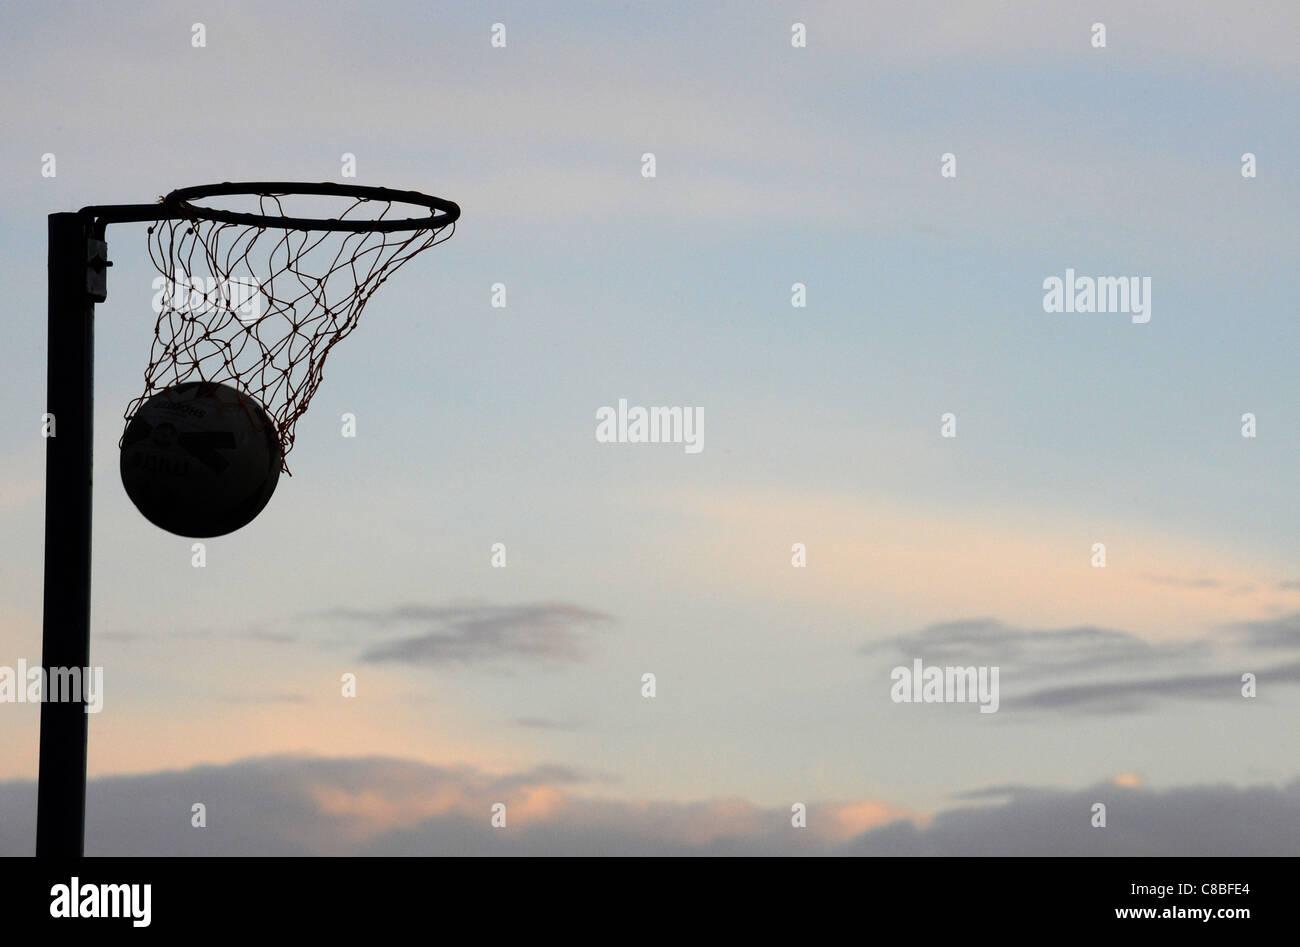 La silhouette d'un passage dans un cerceau de netball avec pas de joueurs au crépuscule. Photo Stock